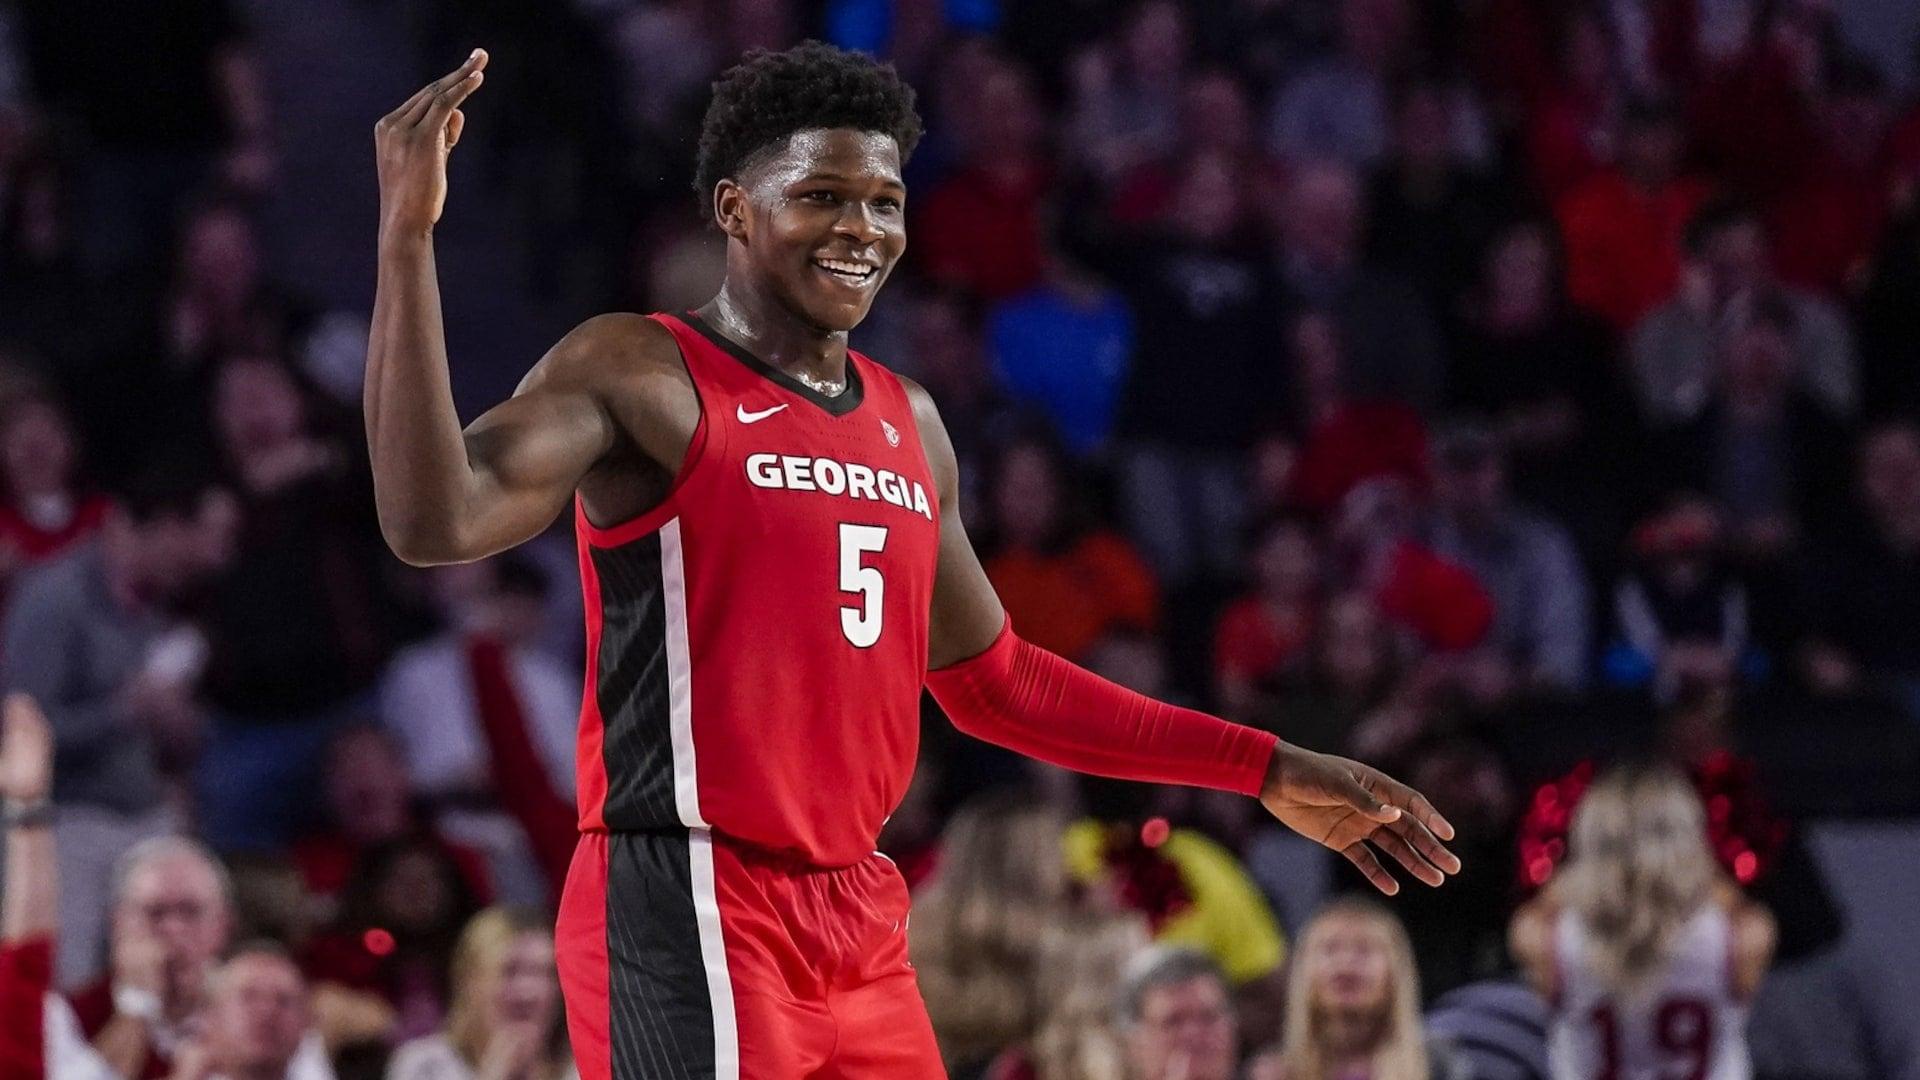 Georgia freshman Anthony Edwards announces plans to enter NBA Draft